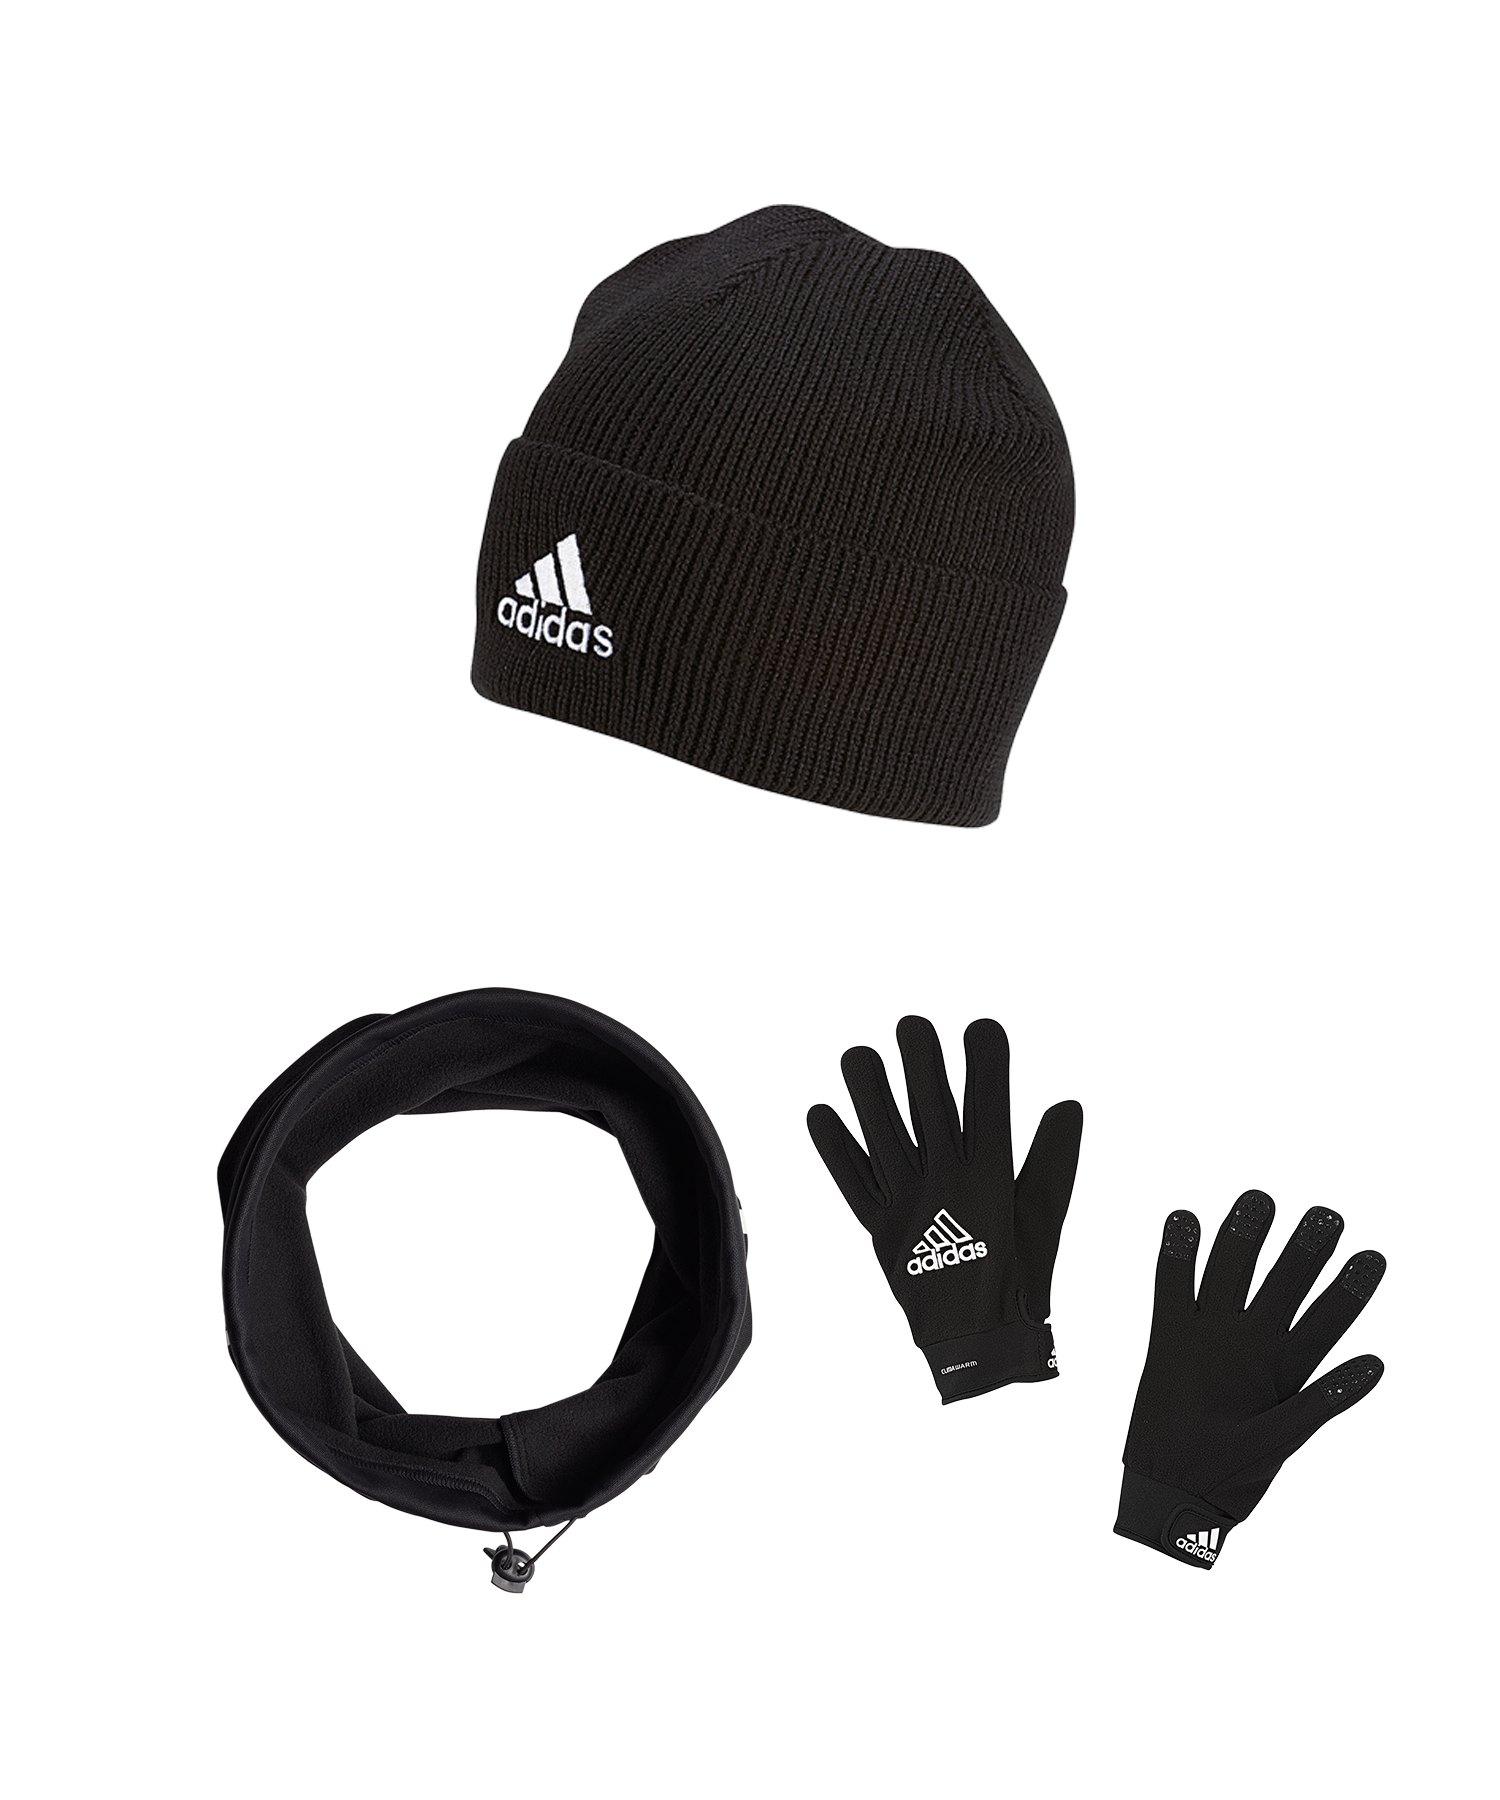 adidas Tiro Clima Warm 3er Winter Set Schwarz - schwarz